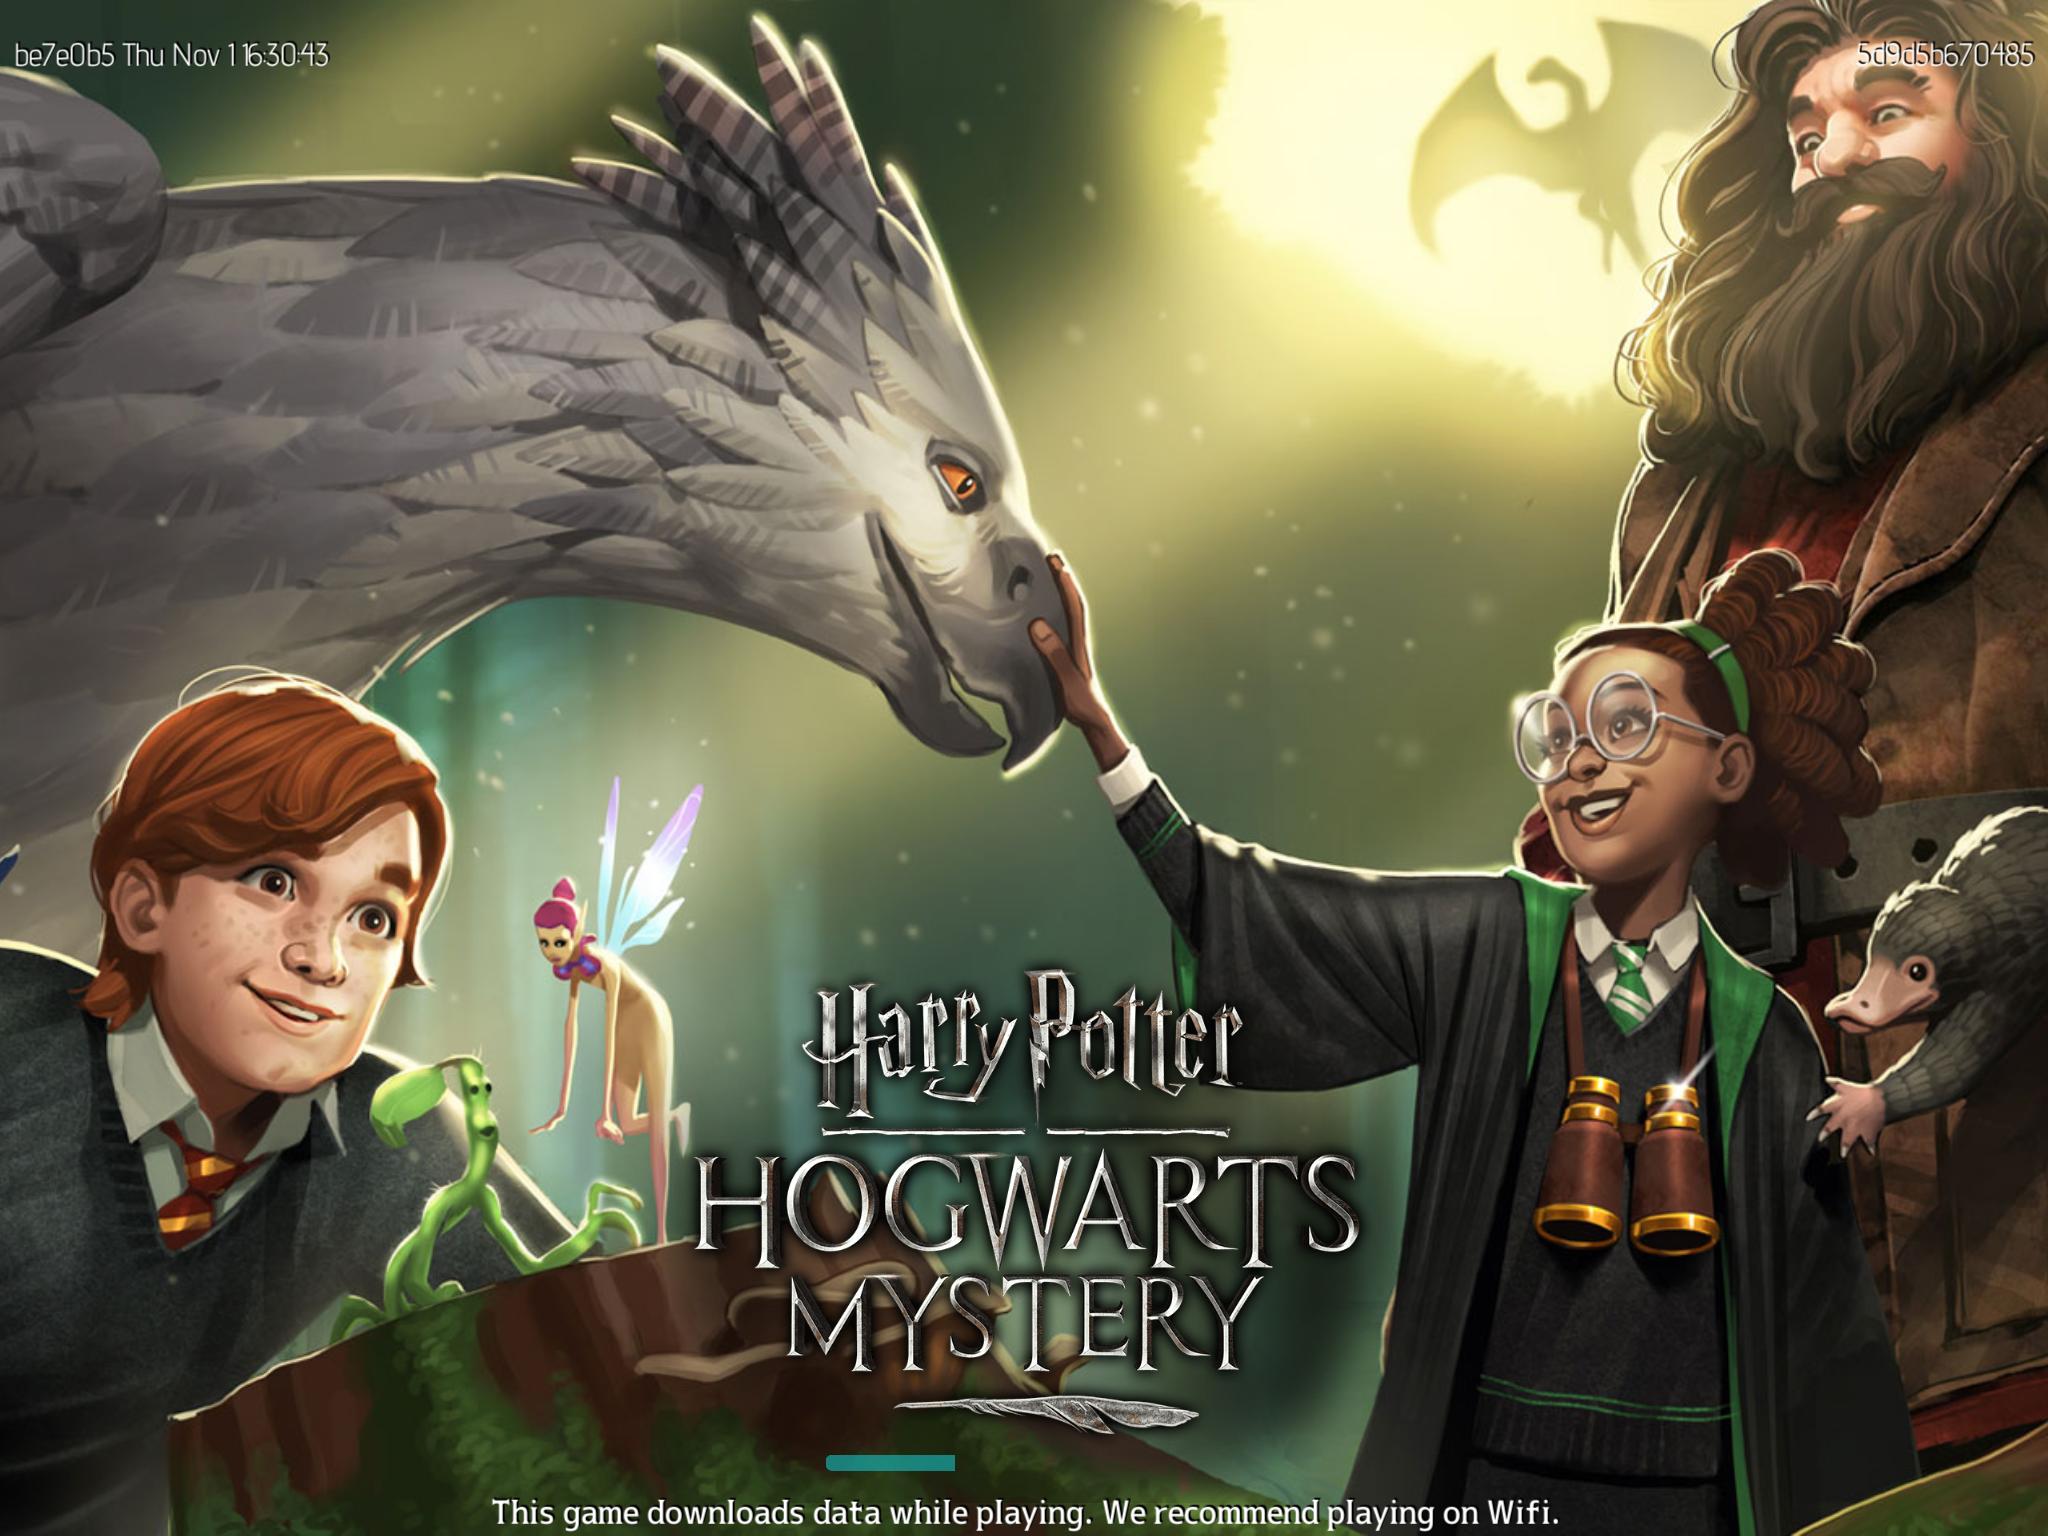 Harry Potter Hogwarts Mystery Harrypotter Hogwarts Mystery Harry Potter Hogwarts Harry Potter Wizard